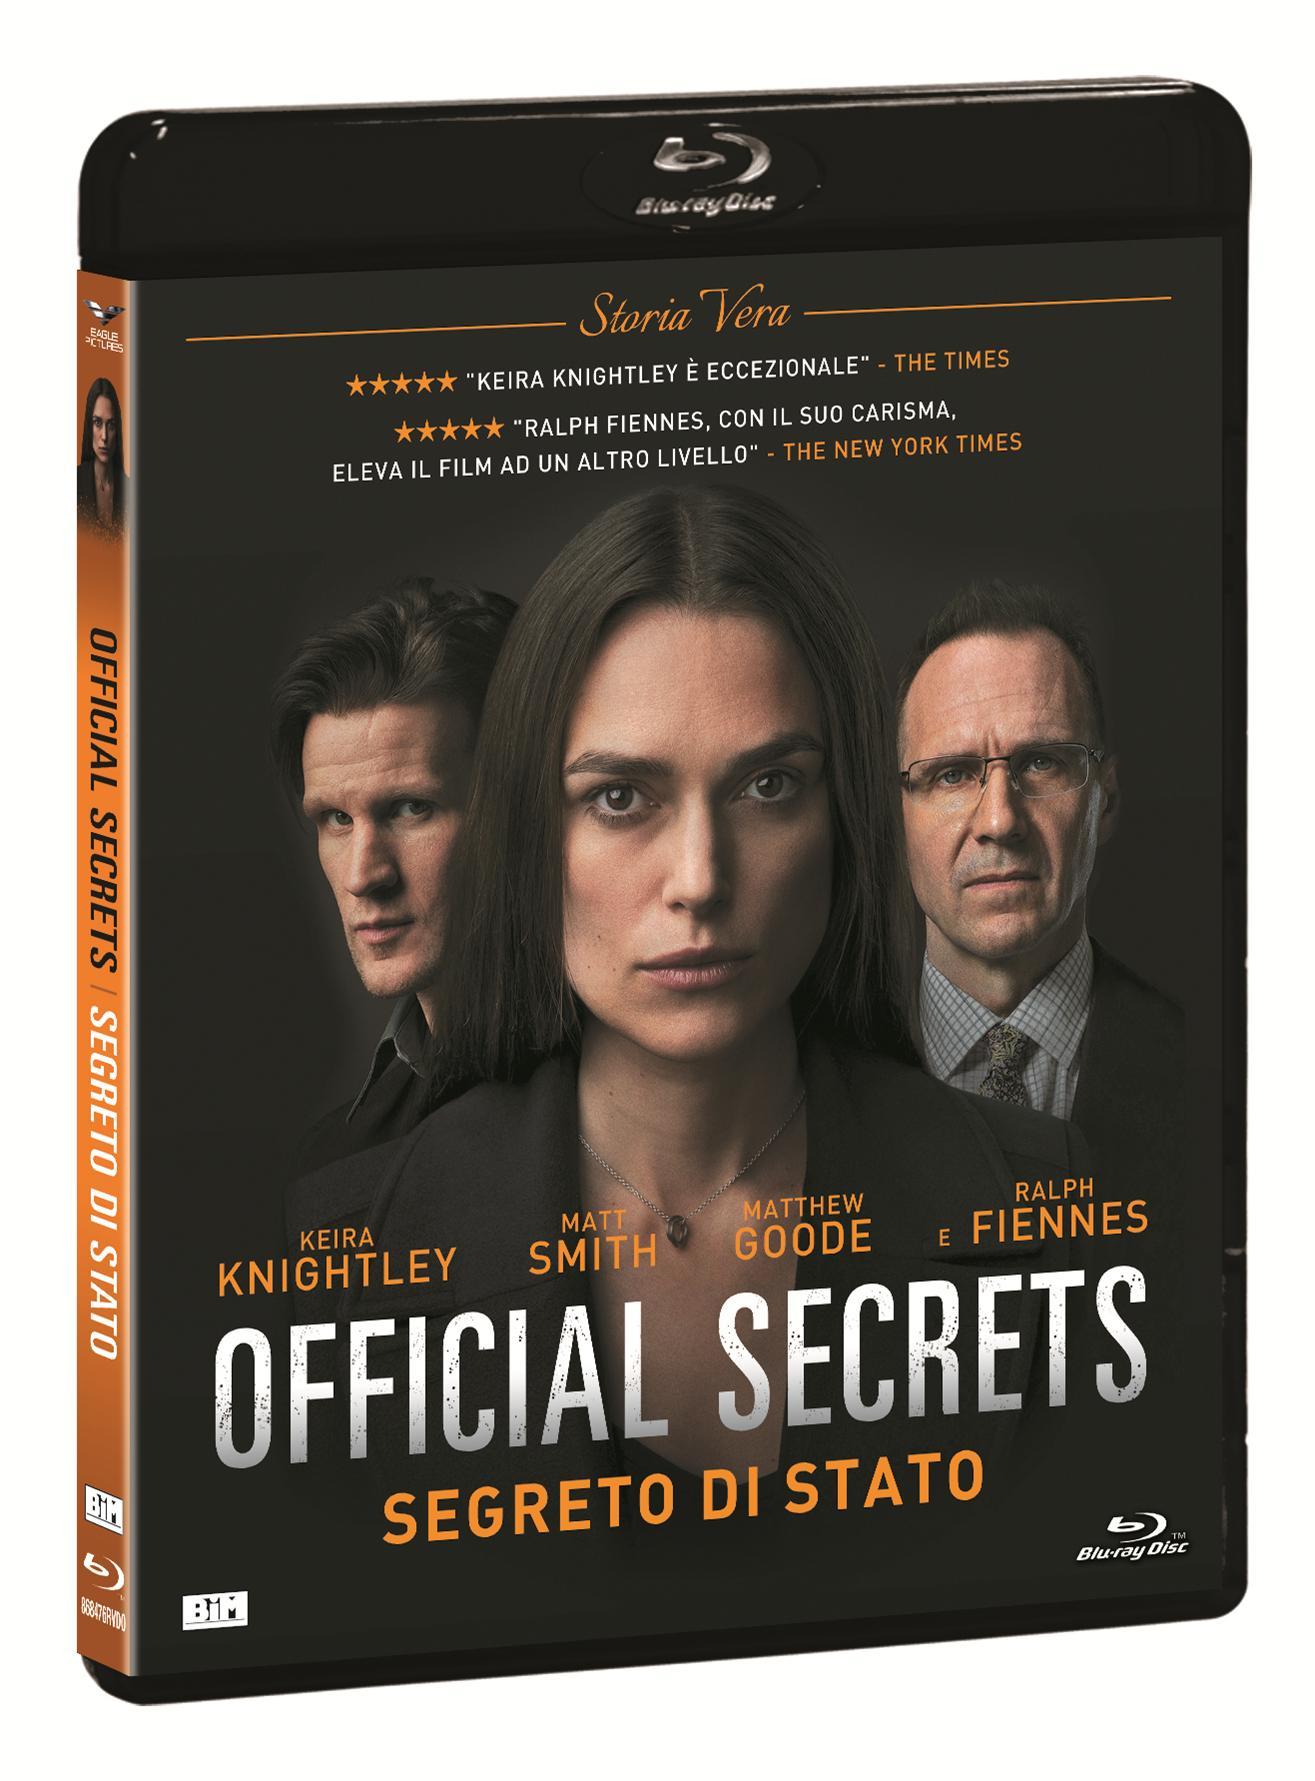 OFFICIAL SECRETS - SEGRETO DI STATO - BLU RAY